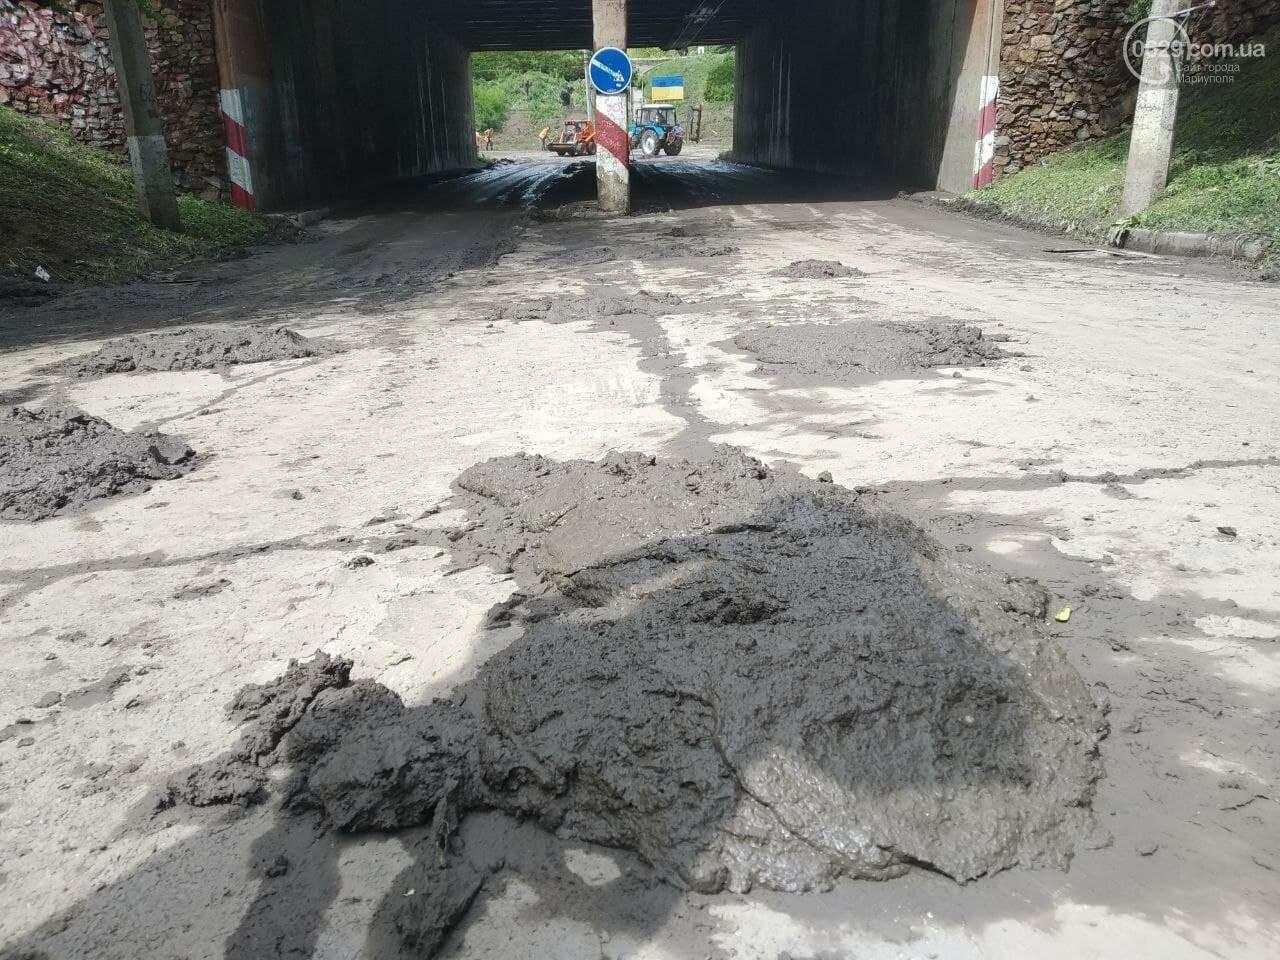 Там, где вчера бушевала стихия. Как сегодня выглядят четыре самых проблемных точки в Мариуполе, больше других пострадавшие от ливня, - ФОТ..., фото-7